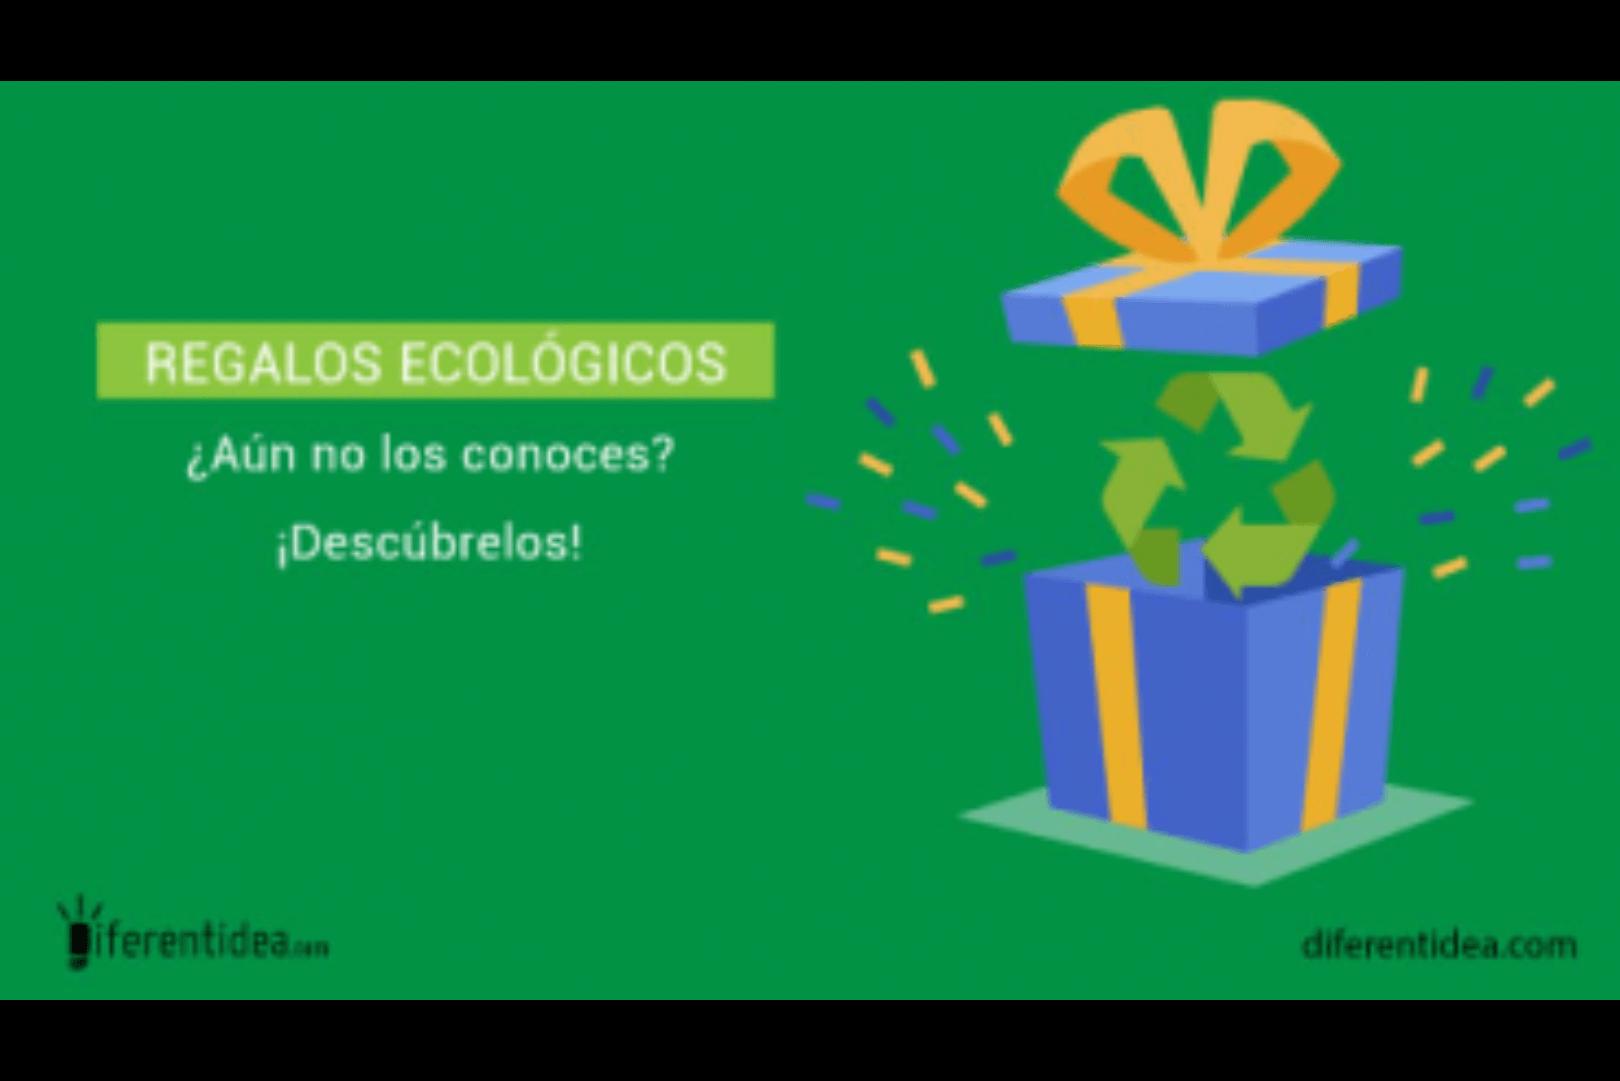 lg-b-regalos-ecologicos